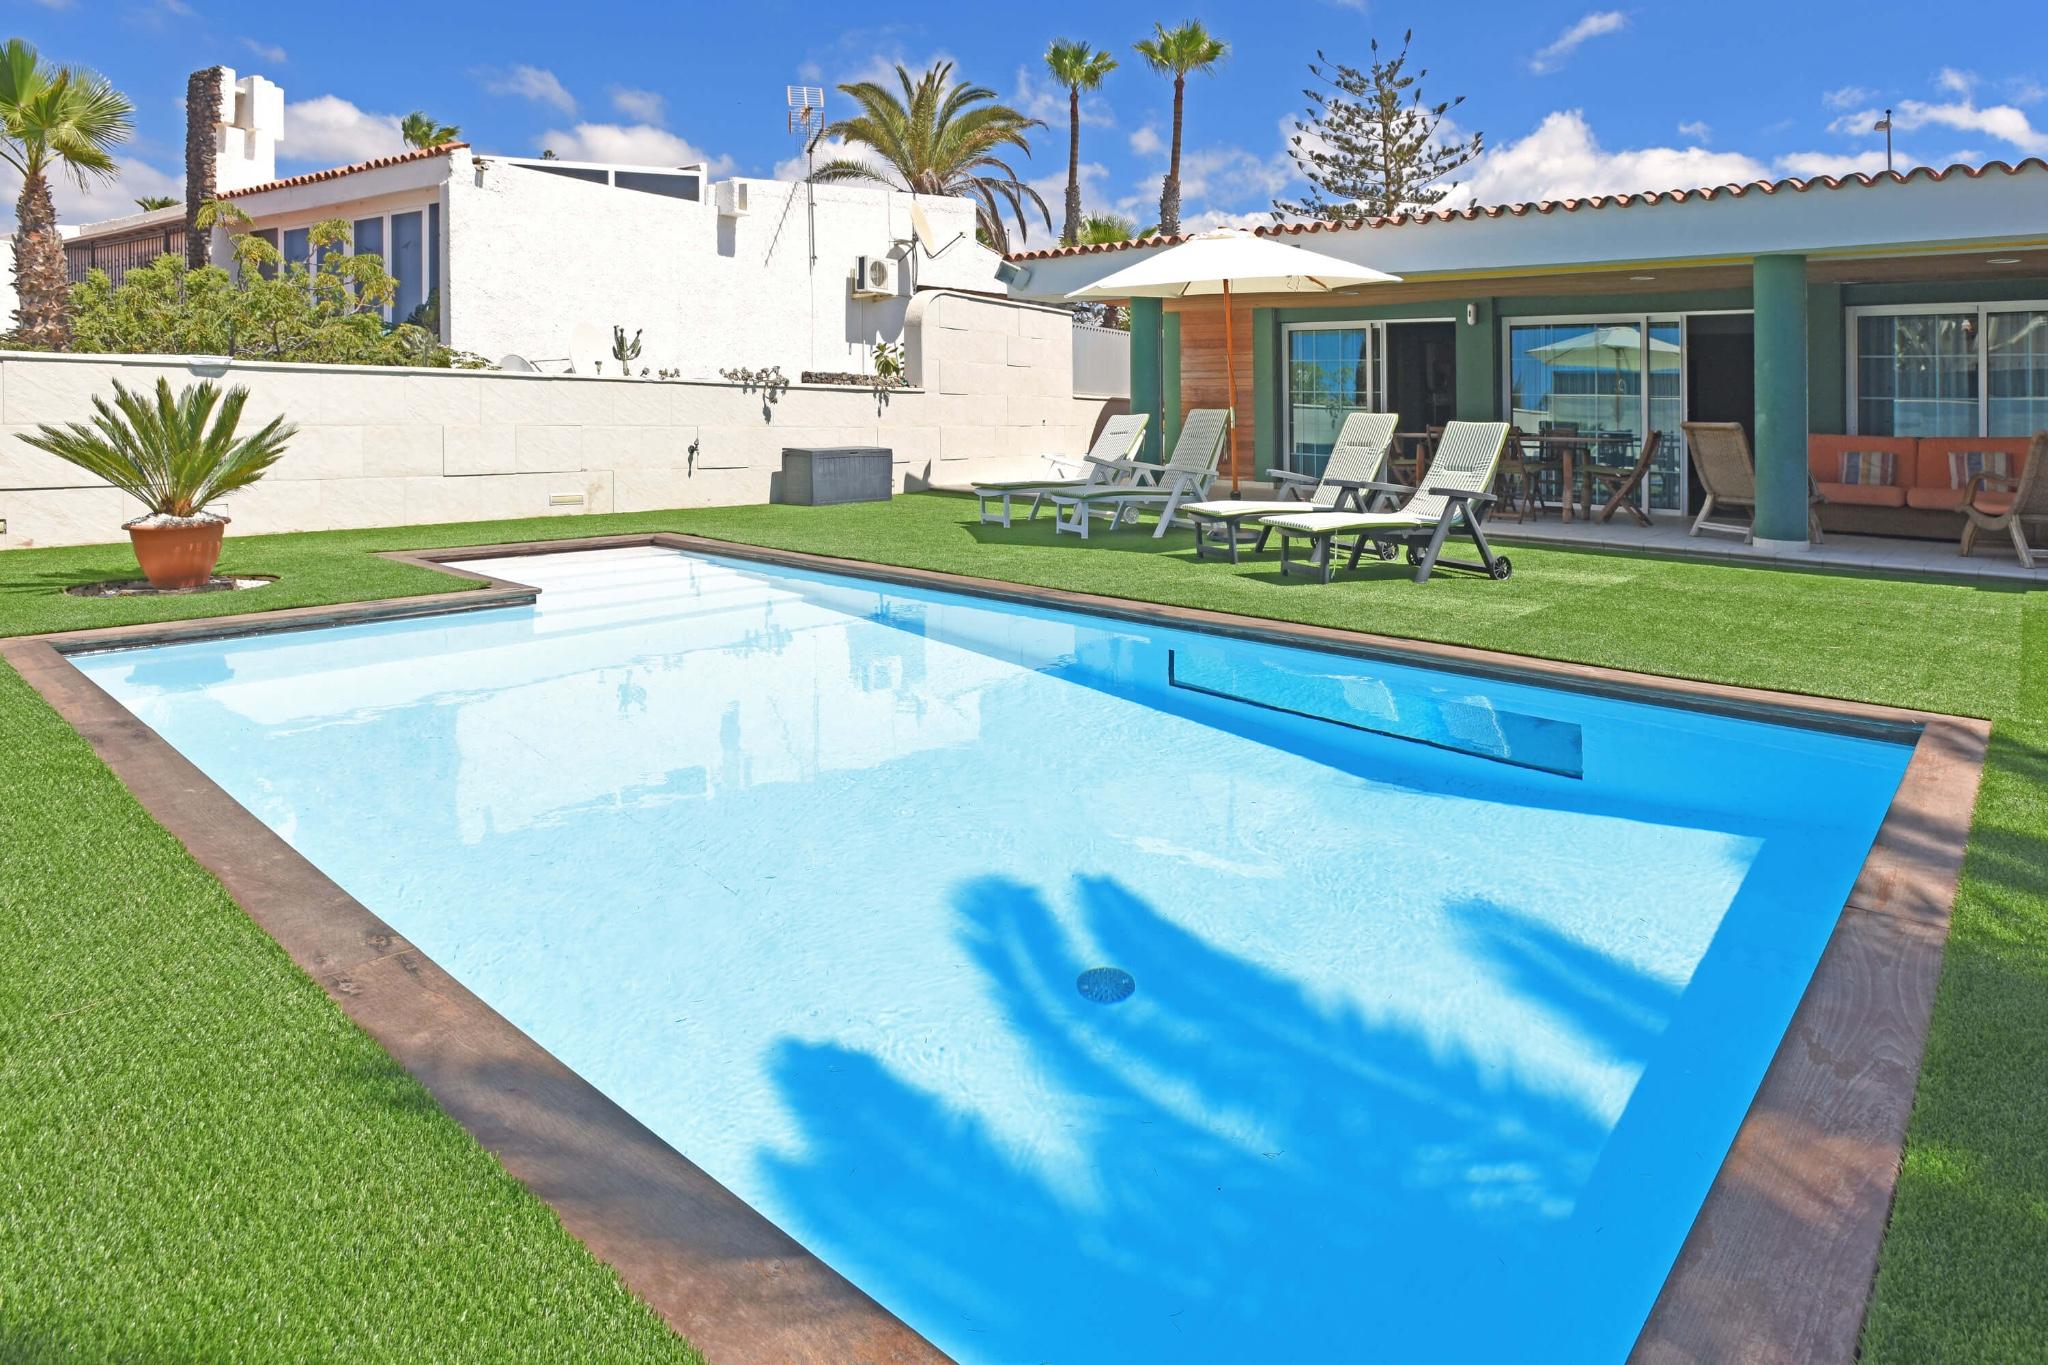 Villa noemi con piscina privada cerca de la playa - Villas en gran canaria con piscina ...